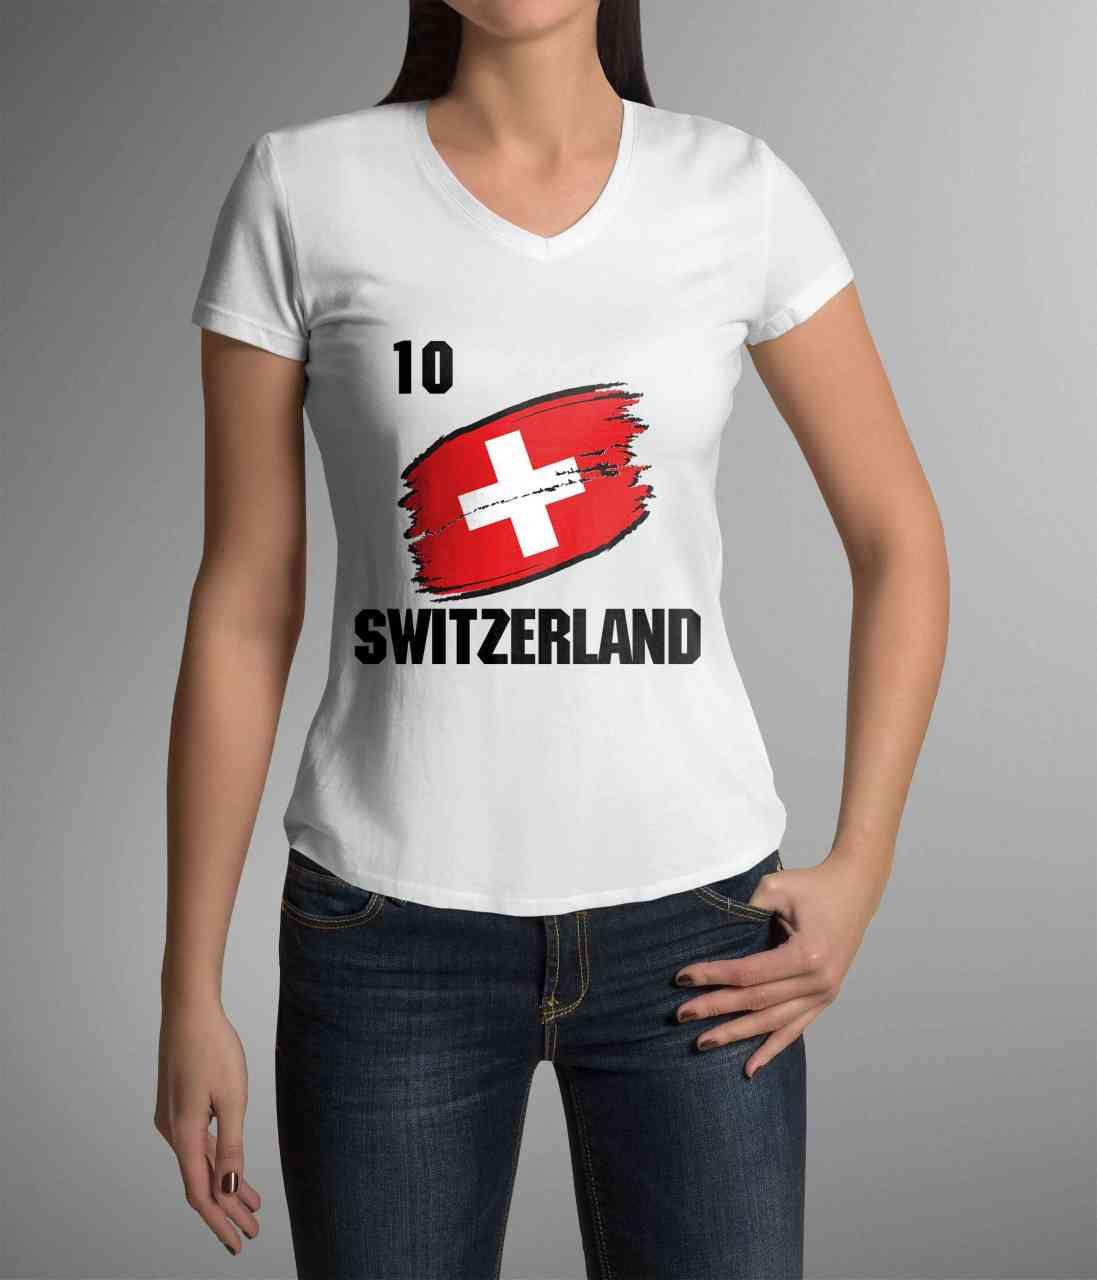 Switzerland | Schweiz | Männer/Frauen Trikot/T-Shirt mit Nummer + Name | WM 2018